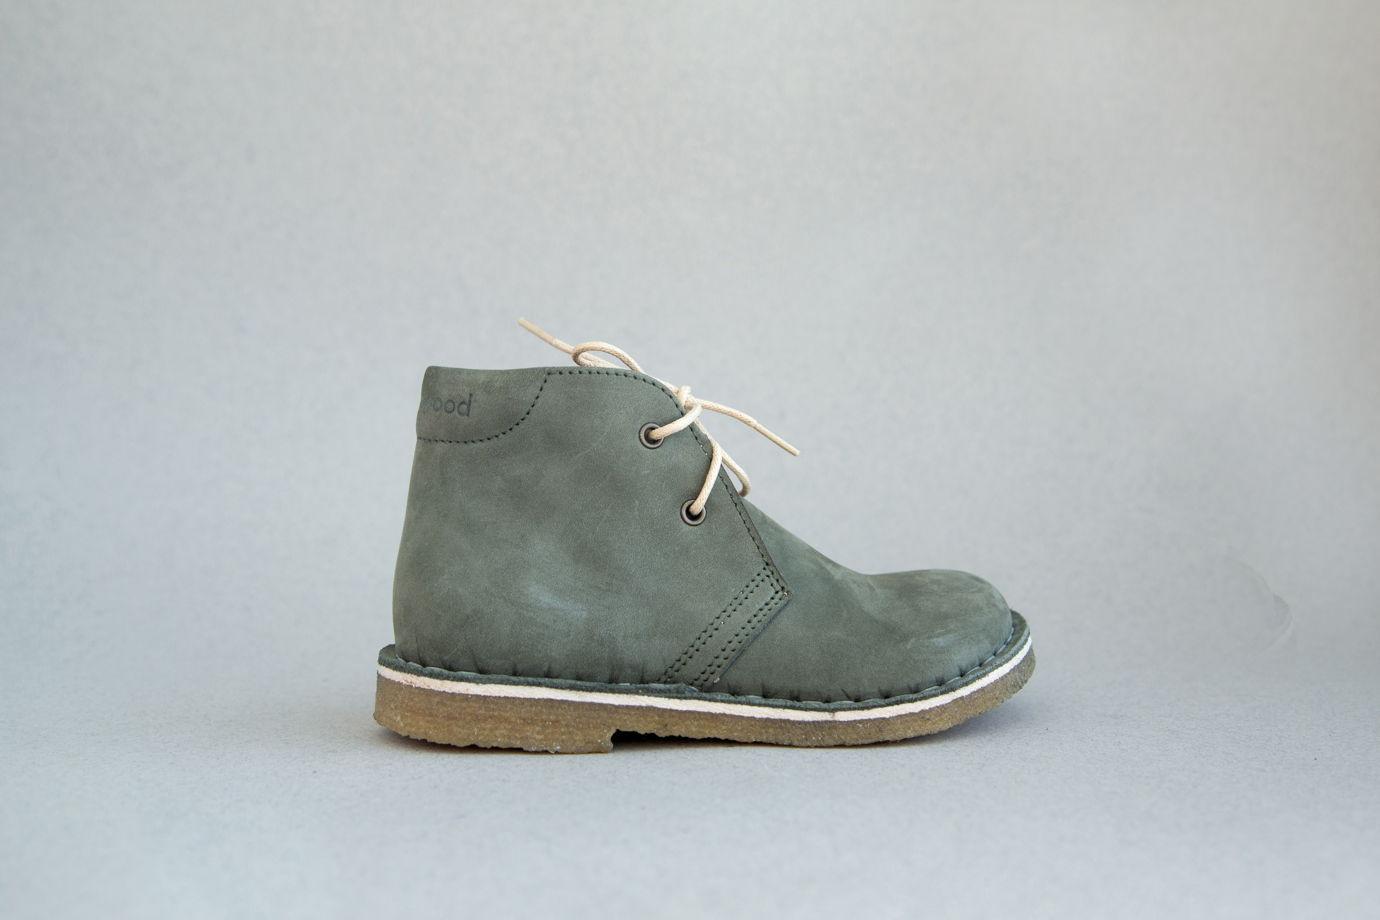 Детские ботинки на шнурках из натуральной кожи: Дезерты Нубук Олива